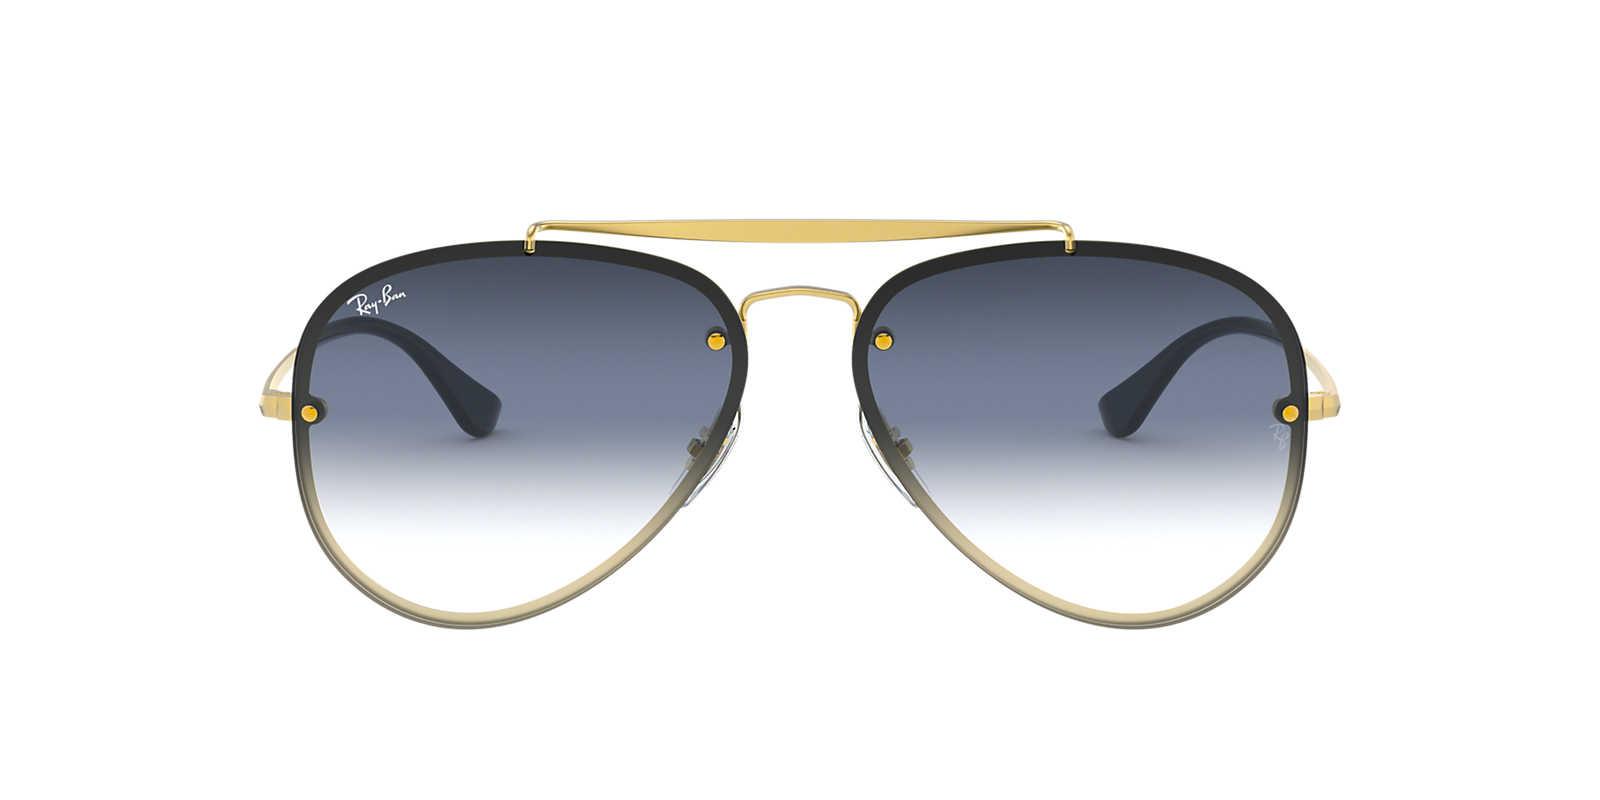 d7be696b2e2c7 óculos de sol aviador ray ban rb3025 e 3026 cristal dourado. Carregando zoom .